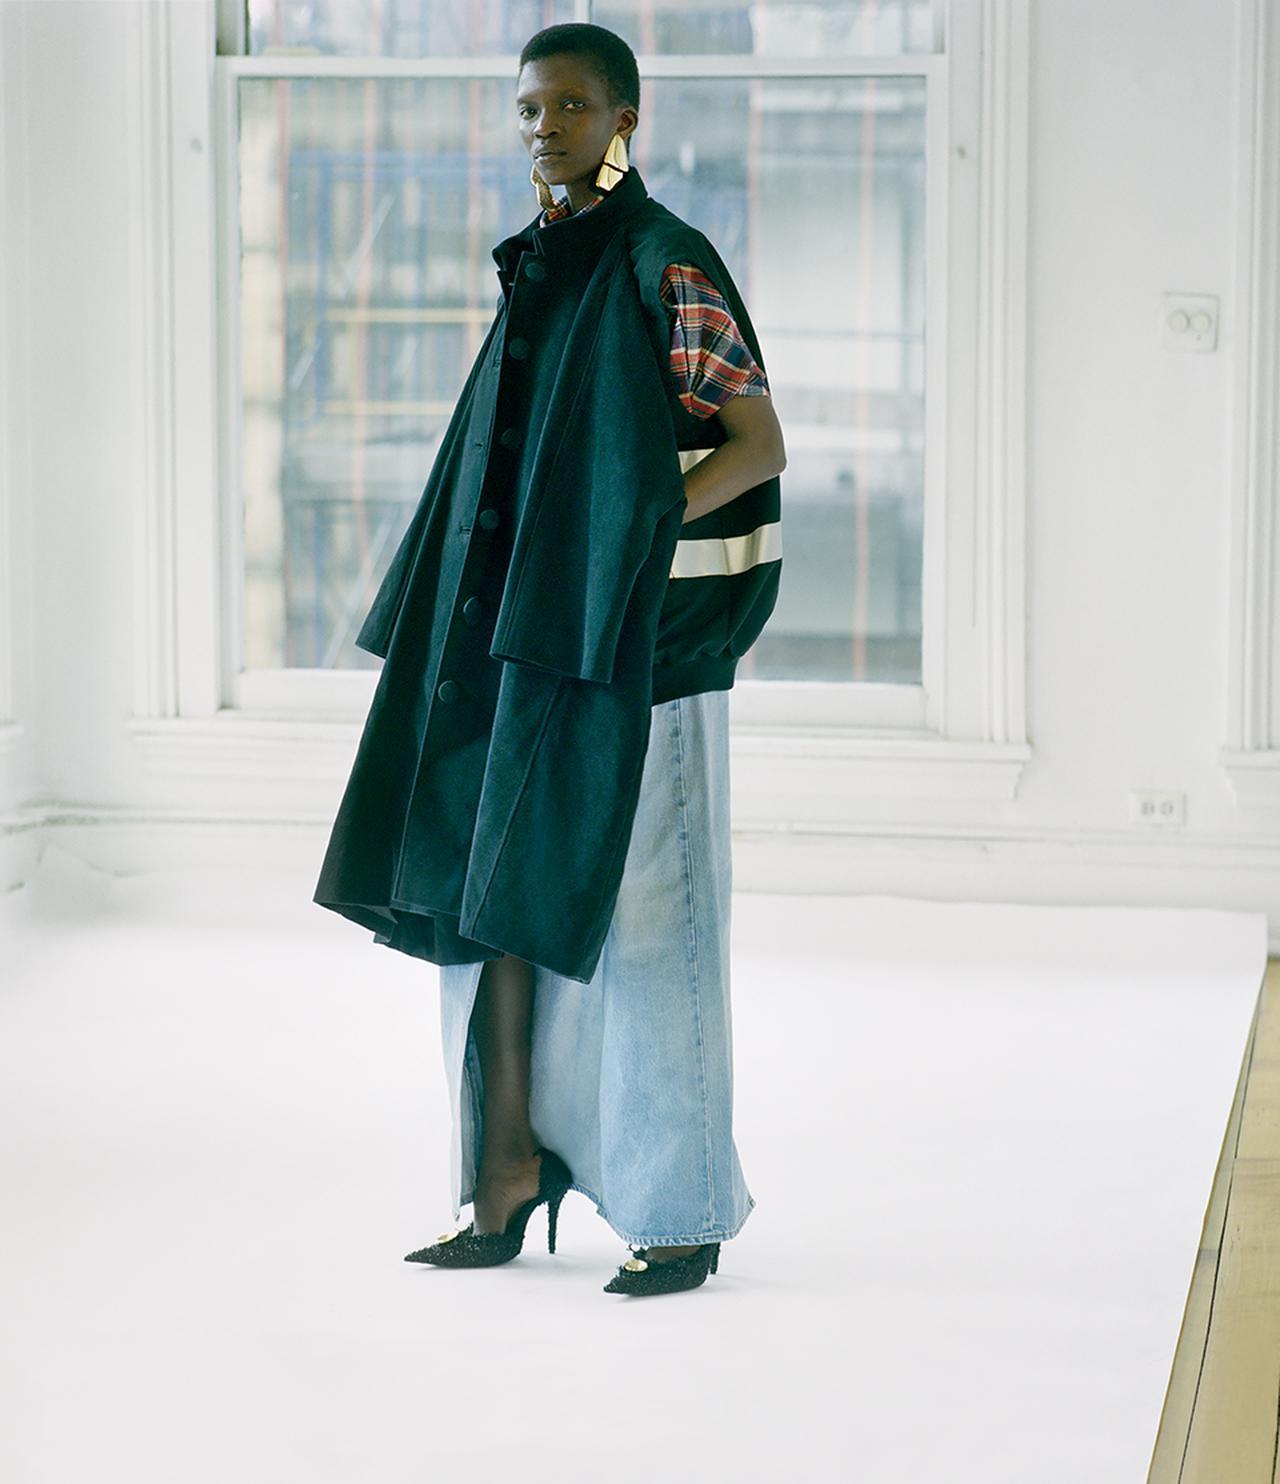 Images : 2番目の画像 - 「ファッションが映し出す、 世界の終わりの予感」のアルバム - T JAPAN:The New York Times Style Magazine 公式サイト